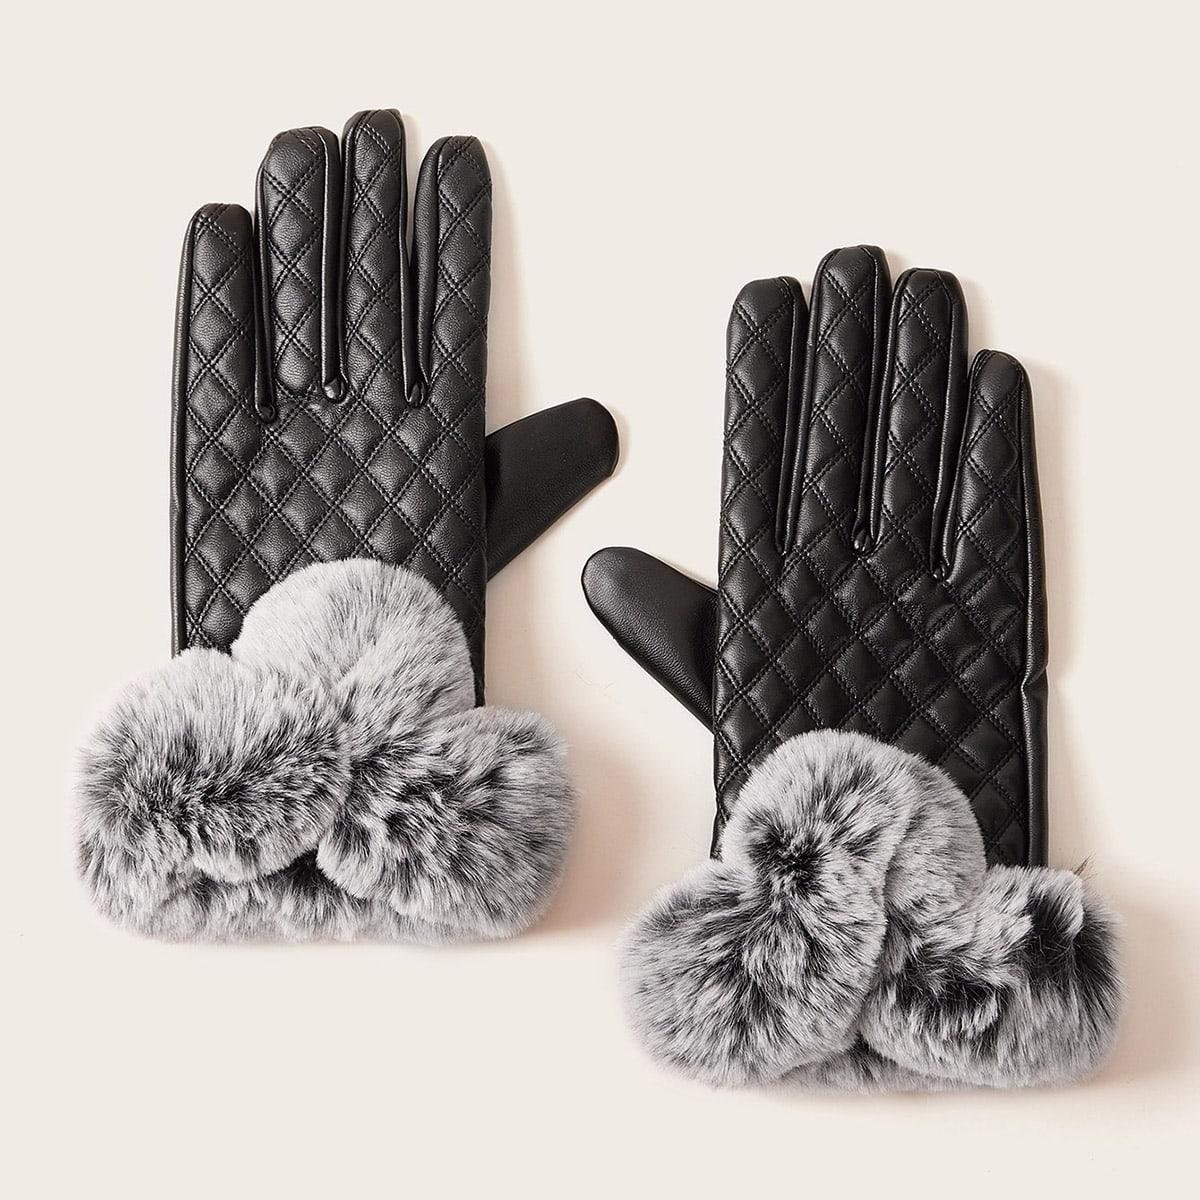 Сшитые перчатки с плюшевым помпоном 1 пара от SHEIN